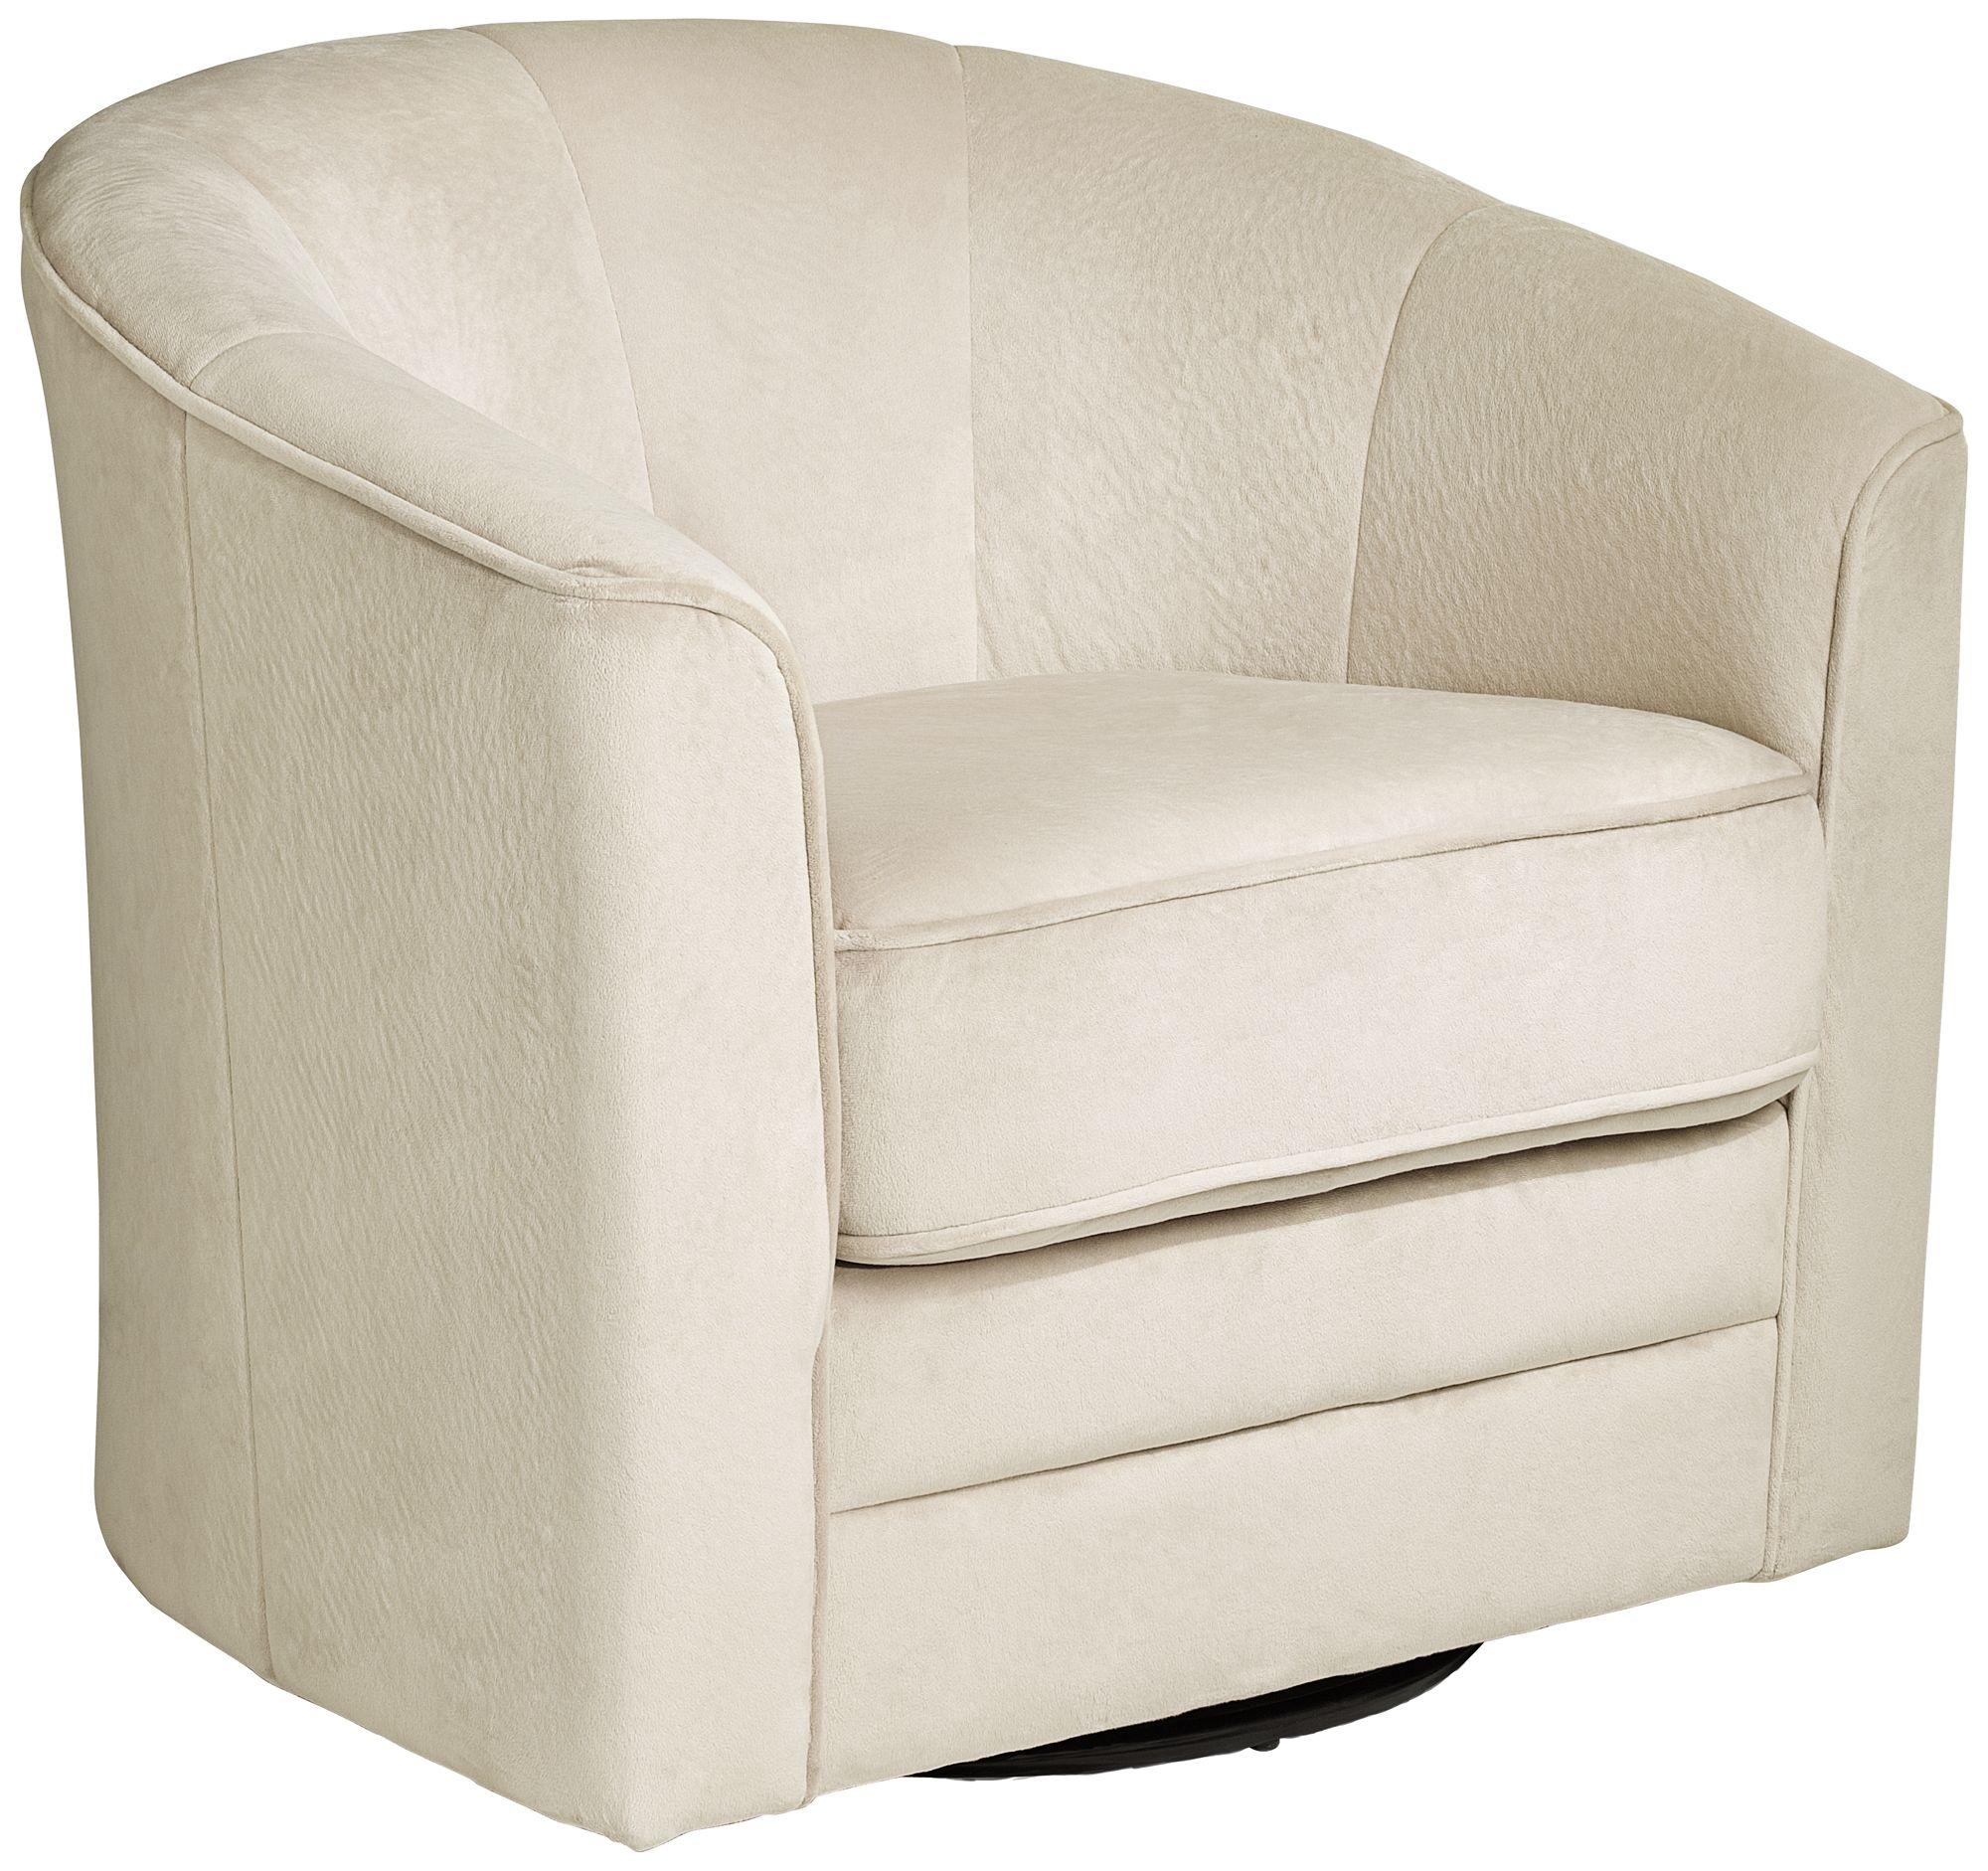 Keller Argos Muse Off White Swivel Chair